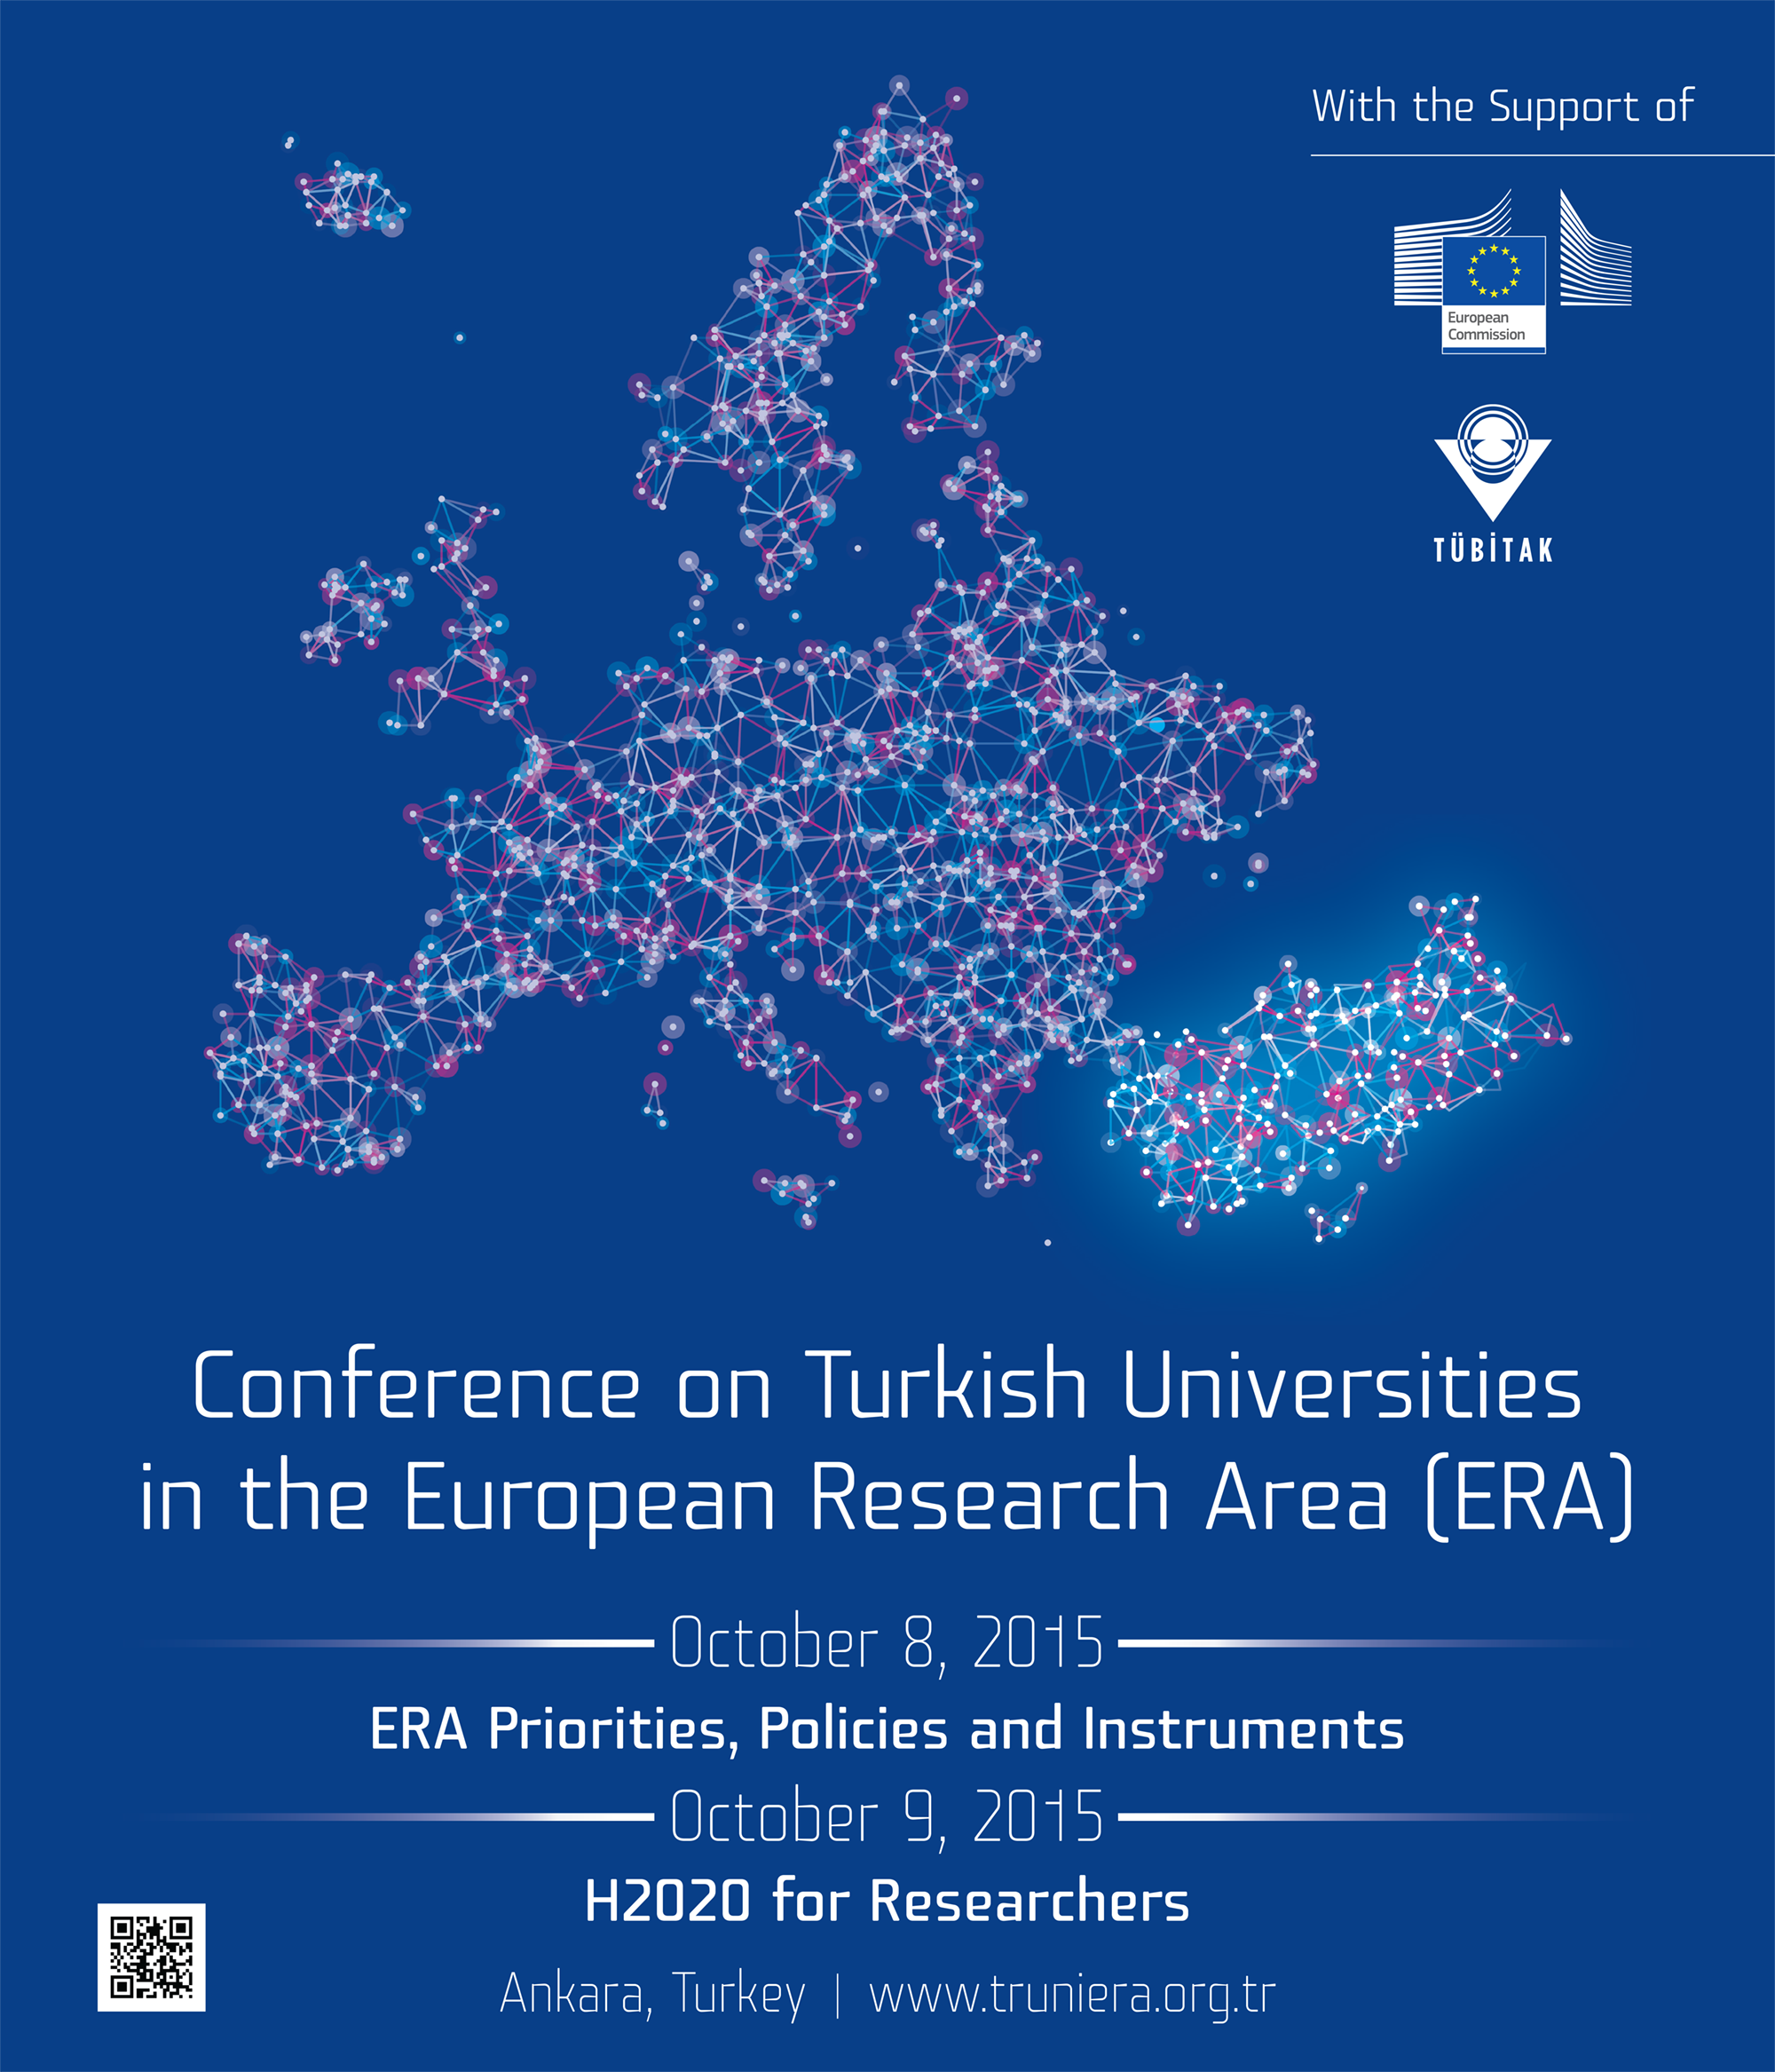 """Konferans: """"Avrupa Araştırma Alanı'nda Türk Üniversiteleri"""", Ankara Hilton Oteli, 8-9 Ekim"""